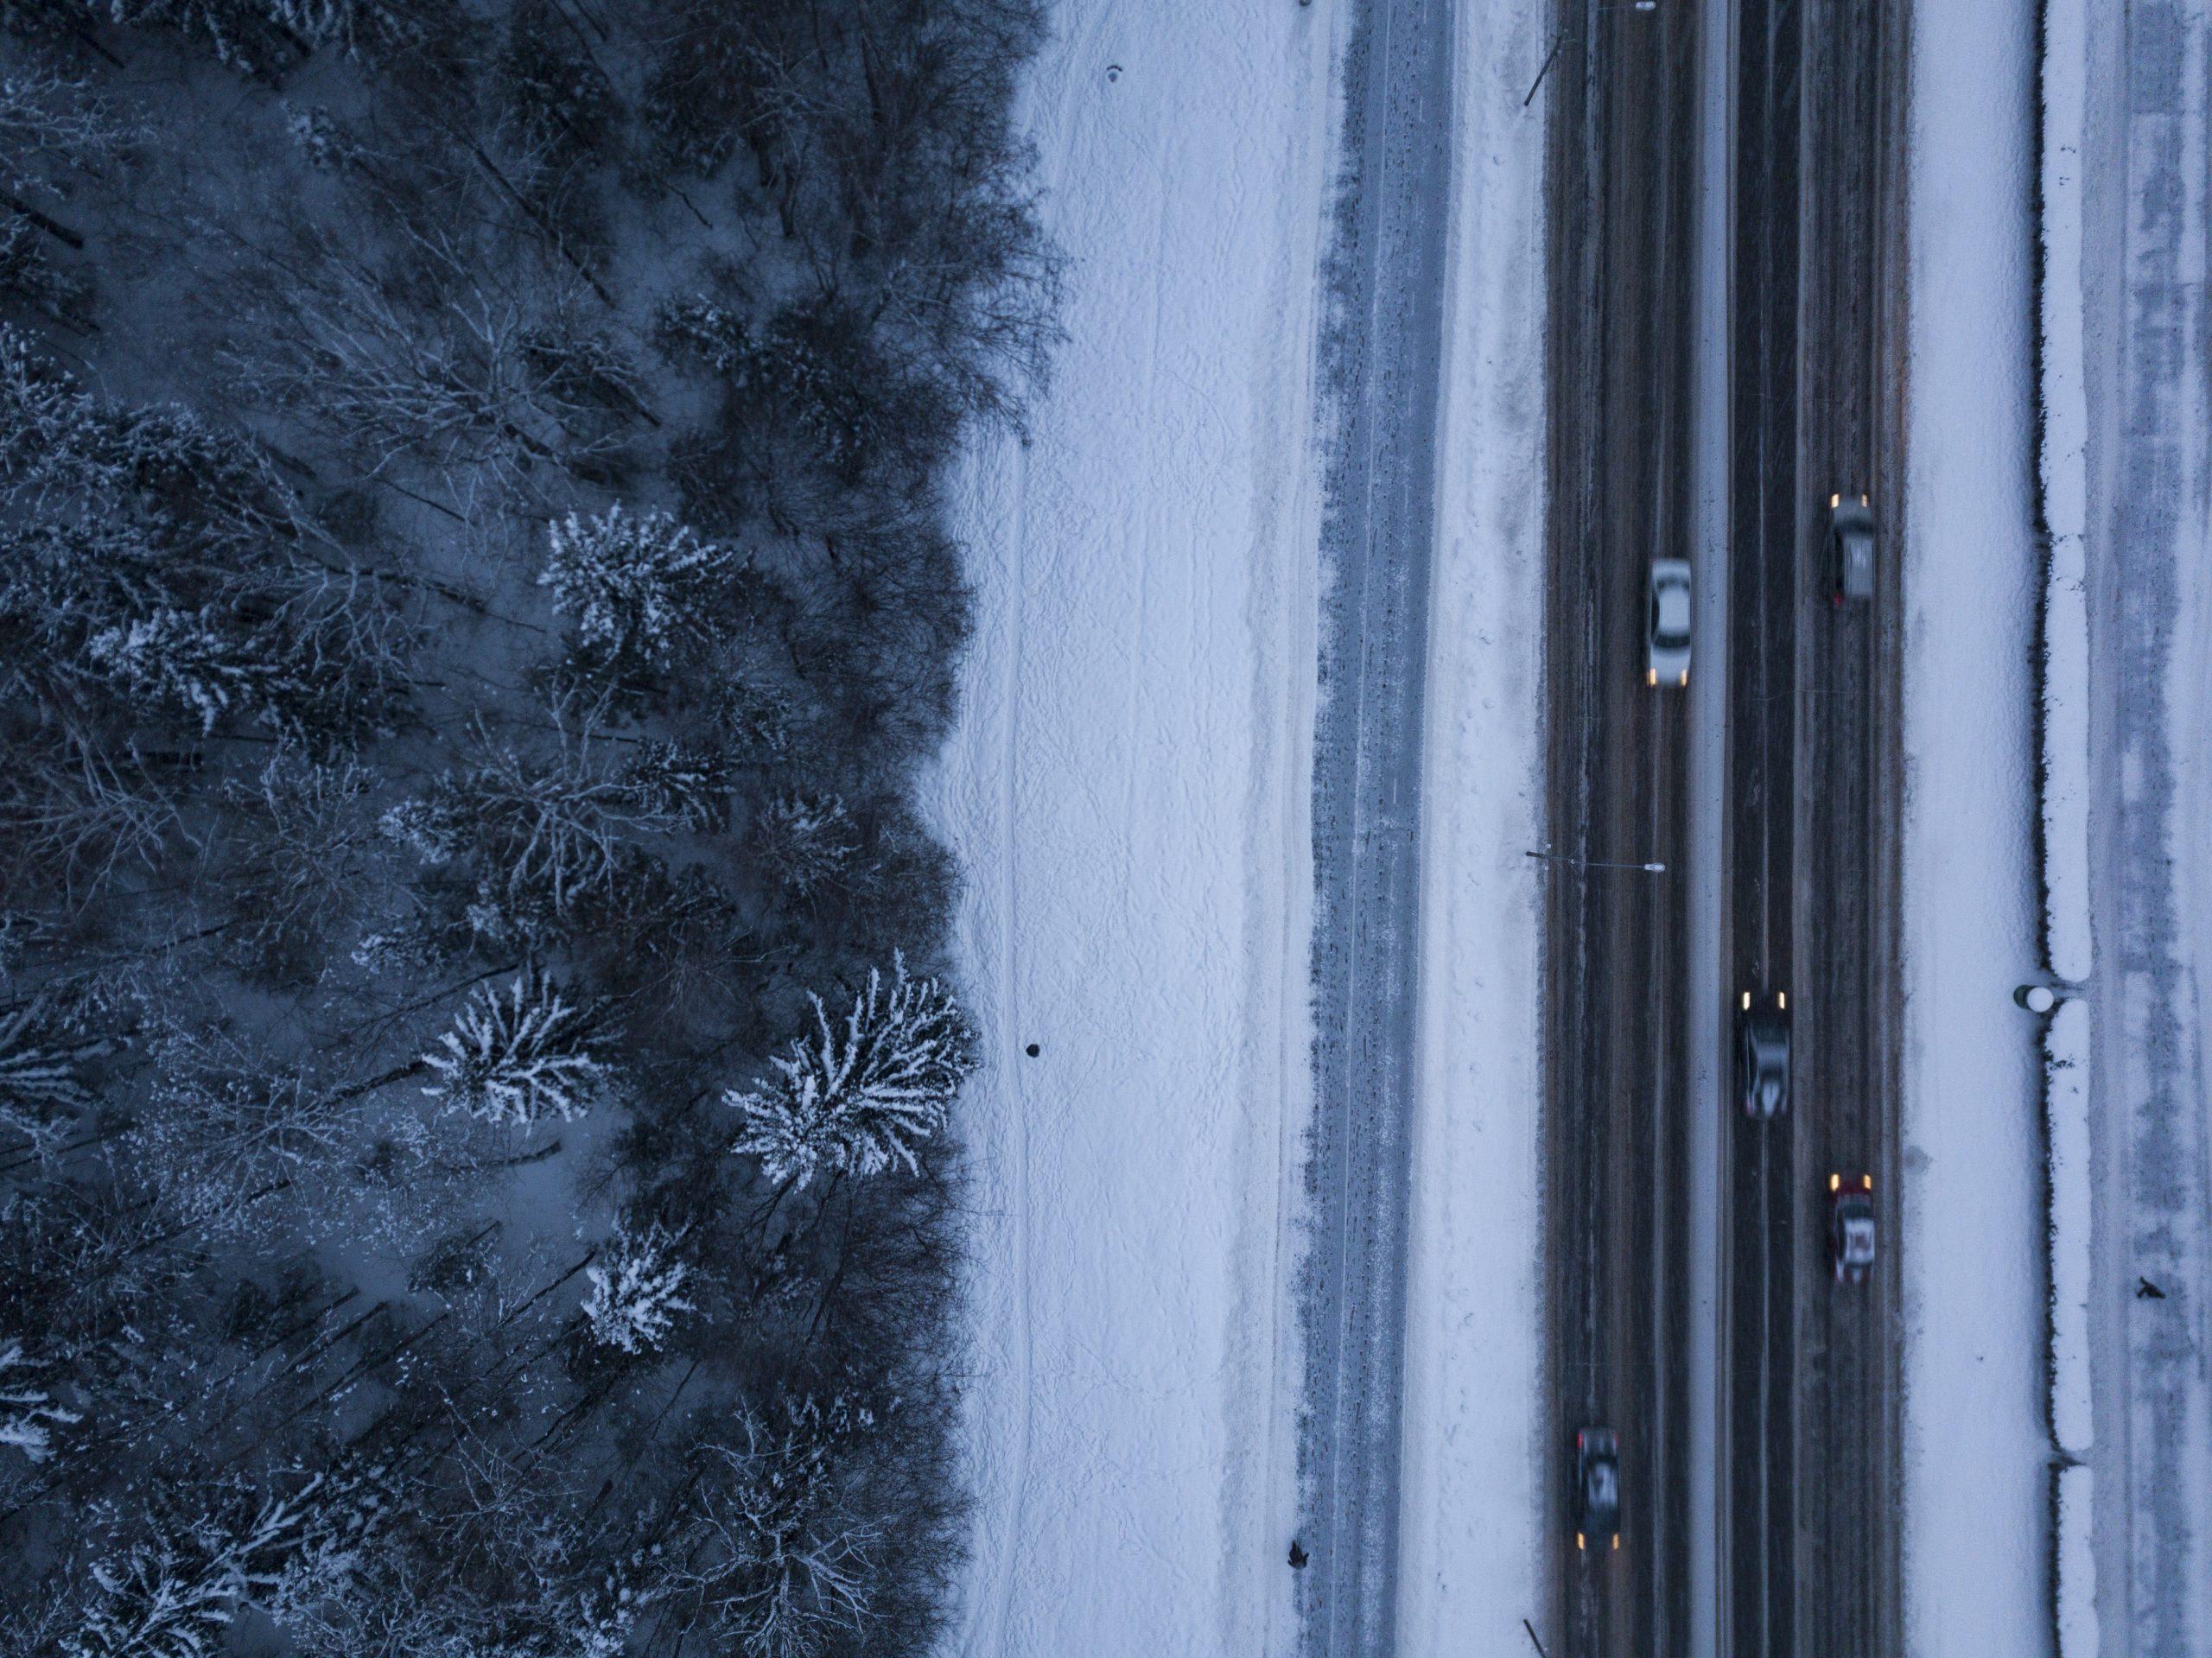 Тоннель под Киевским шоссе прокладывают с применением «миланского метода». Фото: Александр Кожохин, «Вечерняя Москва»